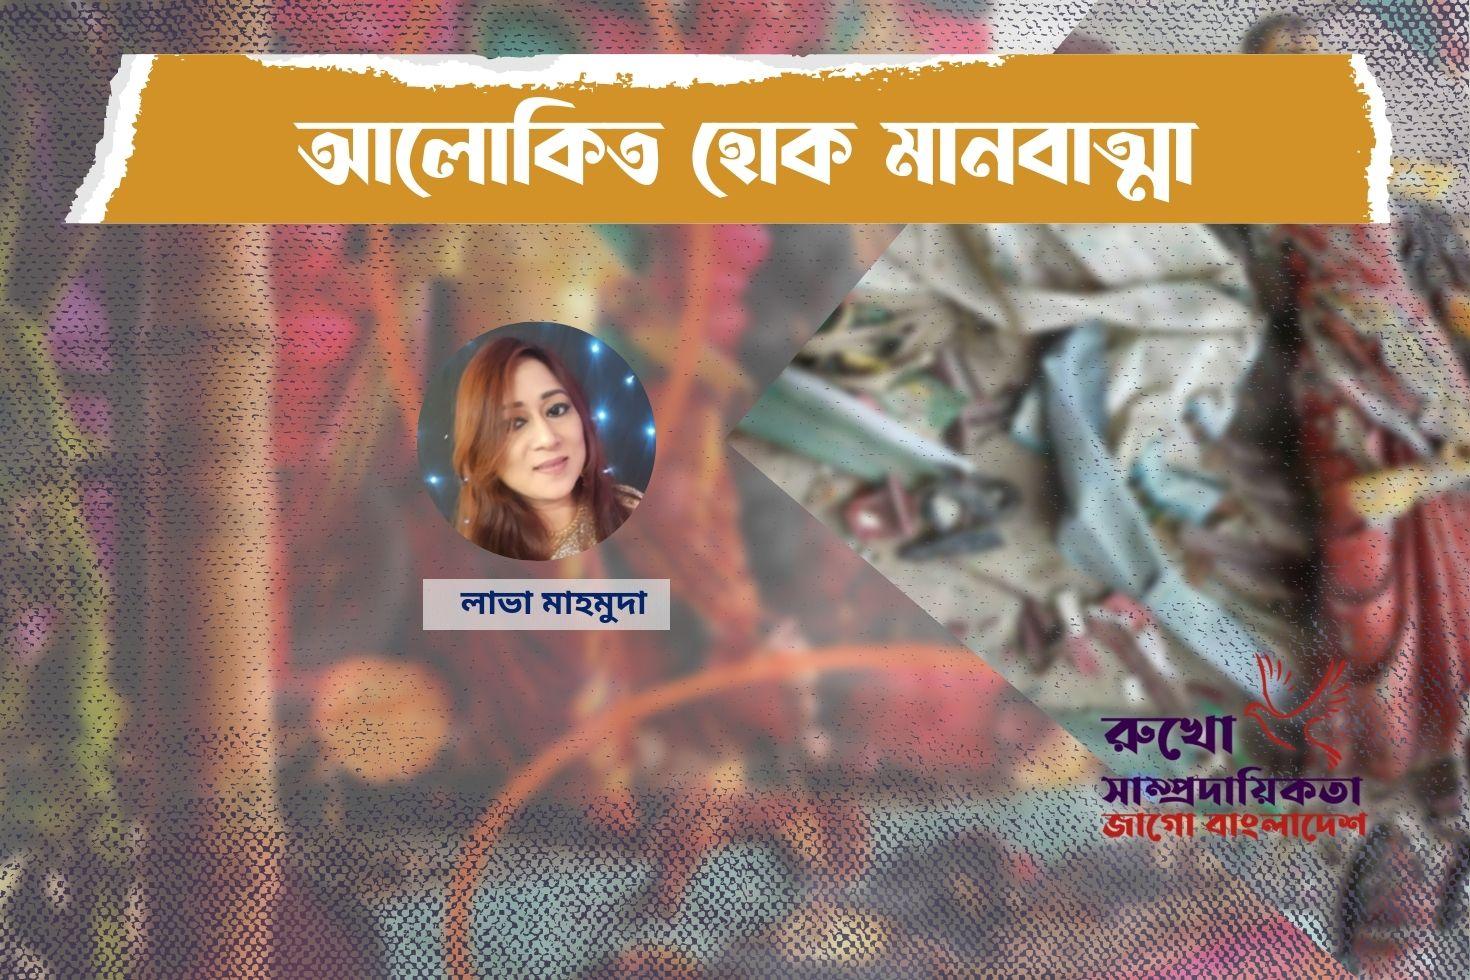 আলোকিত হোক মানবাত্মা